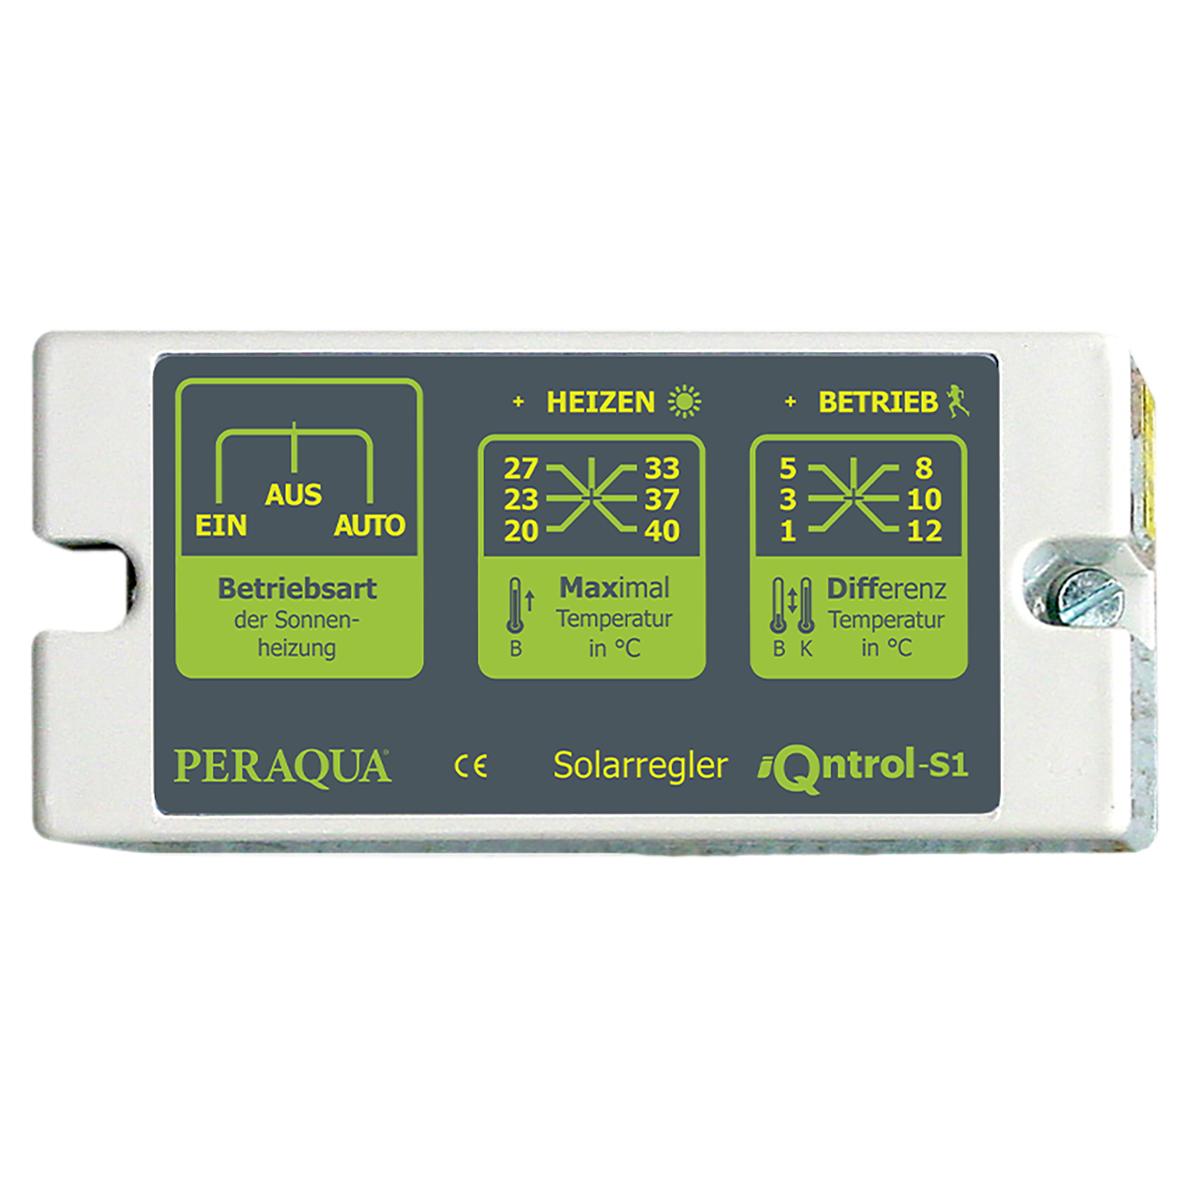 """iQntrol-S1 Solarsteuerung mit manueller Einstellung Tmax. (20-40°C), Schalter für Hand-, Aus-, und Automatikbetrieb, inkl. 2x Temperaturfühler und Tauchhülse ½"""" iQntrol-S1 Solarsteuerung mit manueller Einstellung Tmax. (20-40°C), Schalter für Hand-, Aus-, und Automatikbetrieb, inkl. 2x Temperaturfühler und Tauchhülse ½"""""""